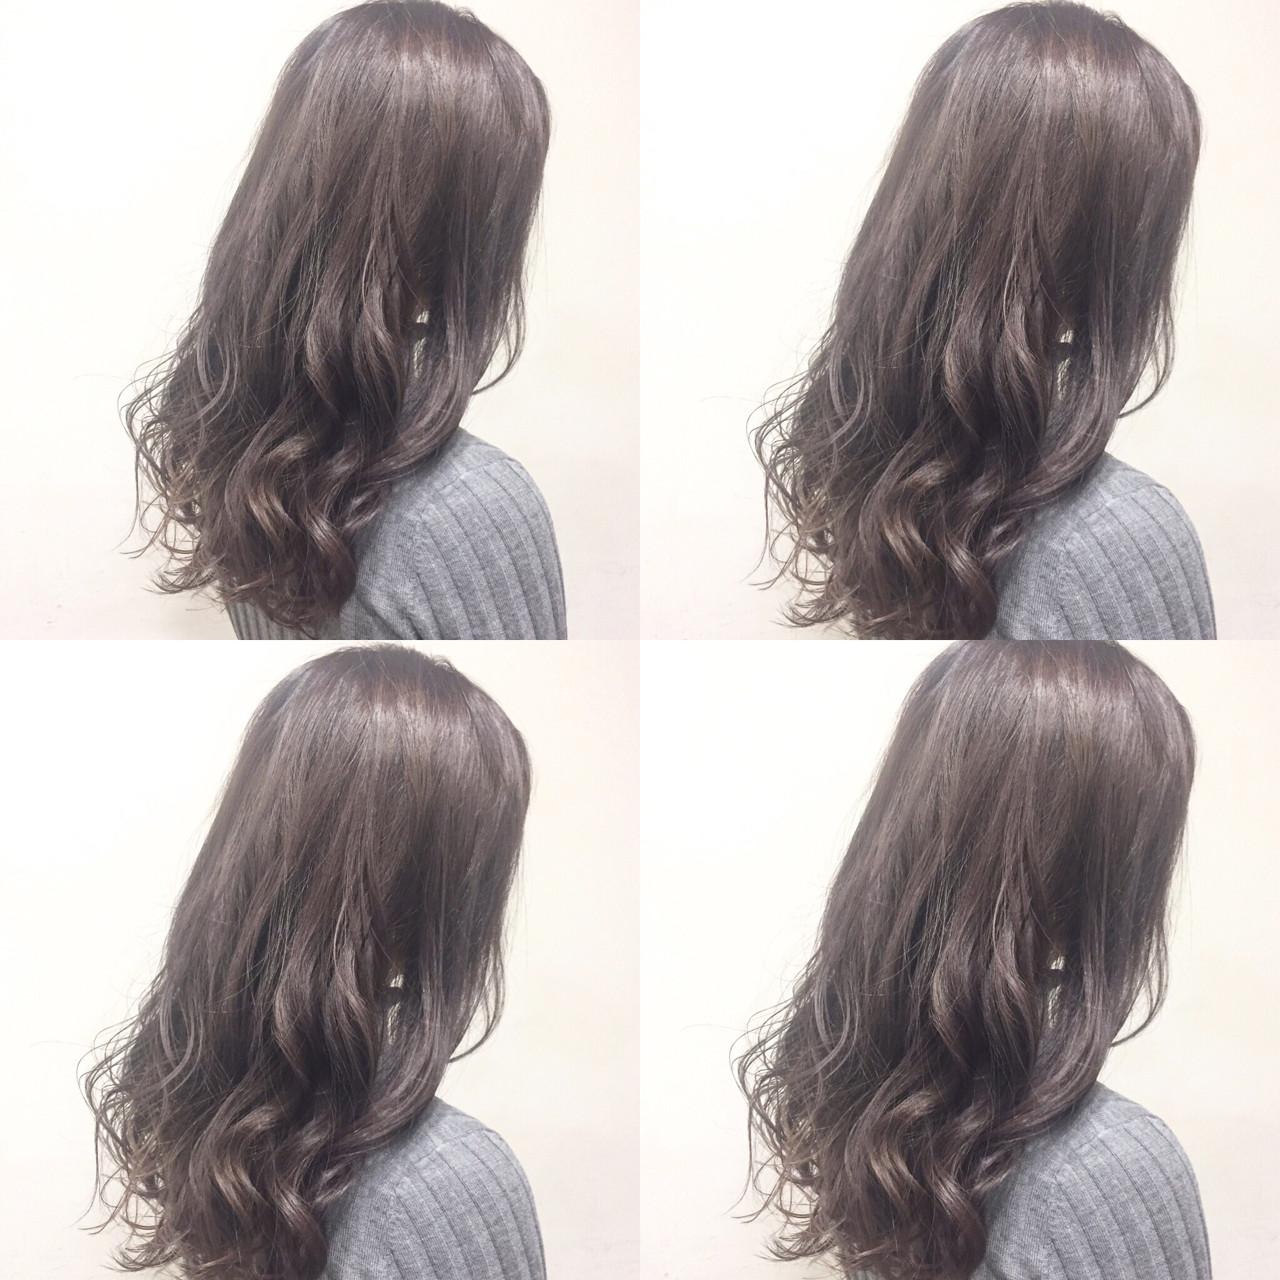 グラデーションカラー アッシュ ハイライト ミディアム ヘアスタイルや髪型の写真・画像